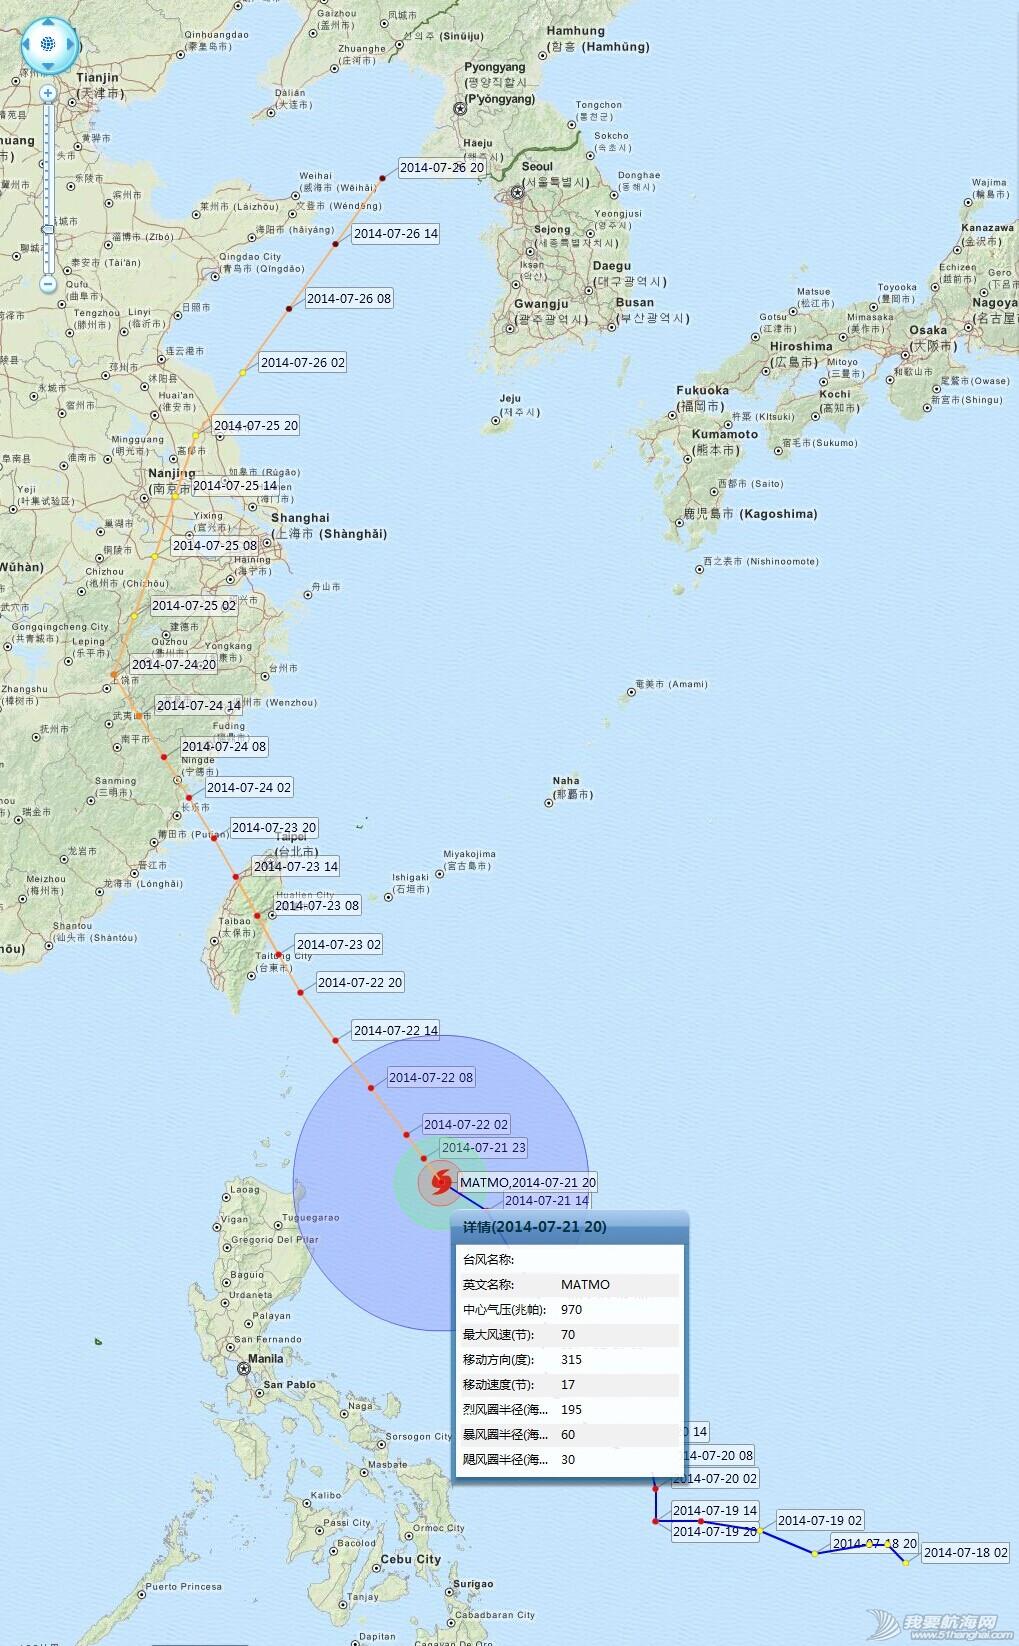 中国沿海台风,台风,麦德姆,沿海台风,气象导航 【中国沿海台风】台风麦德姆 台风麦德姆行进路径及时间